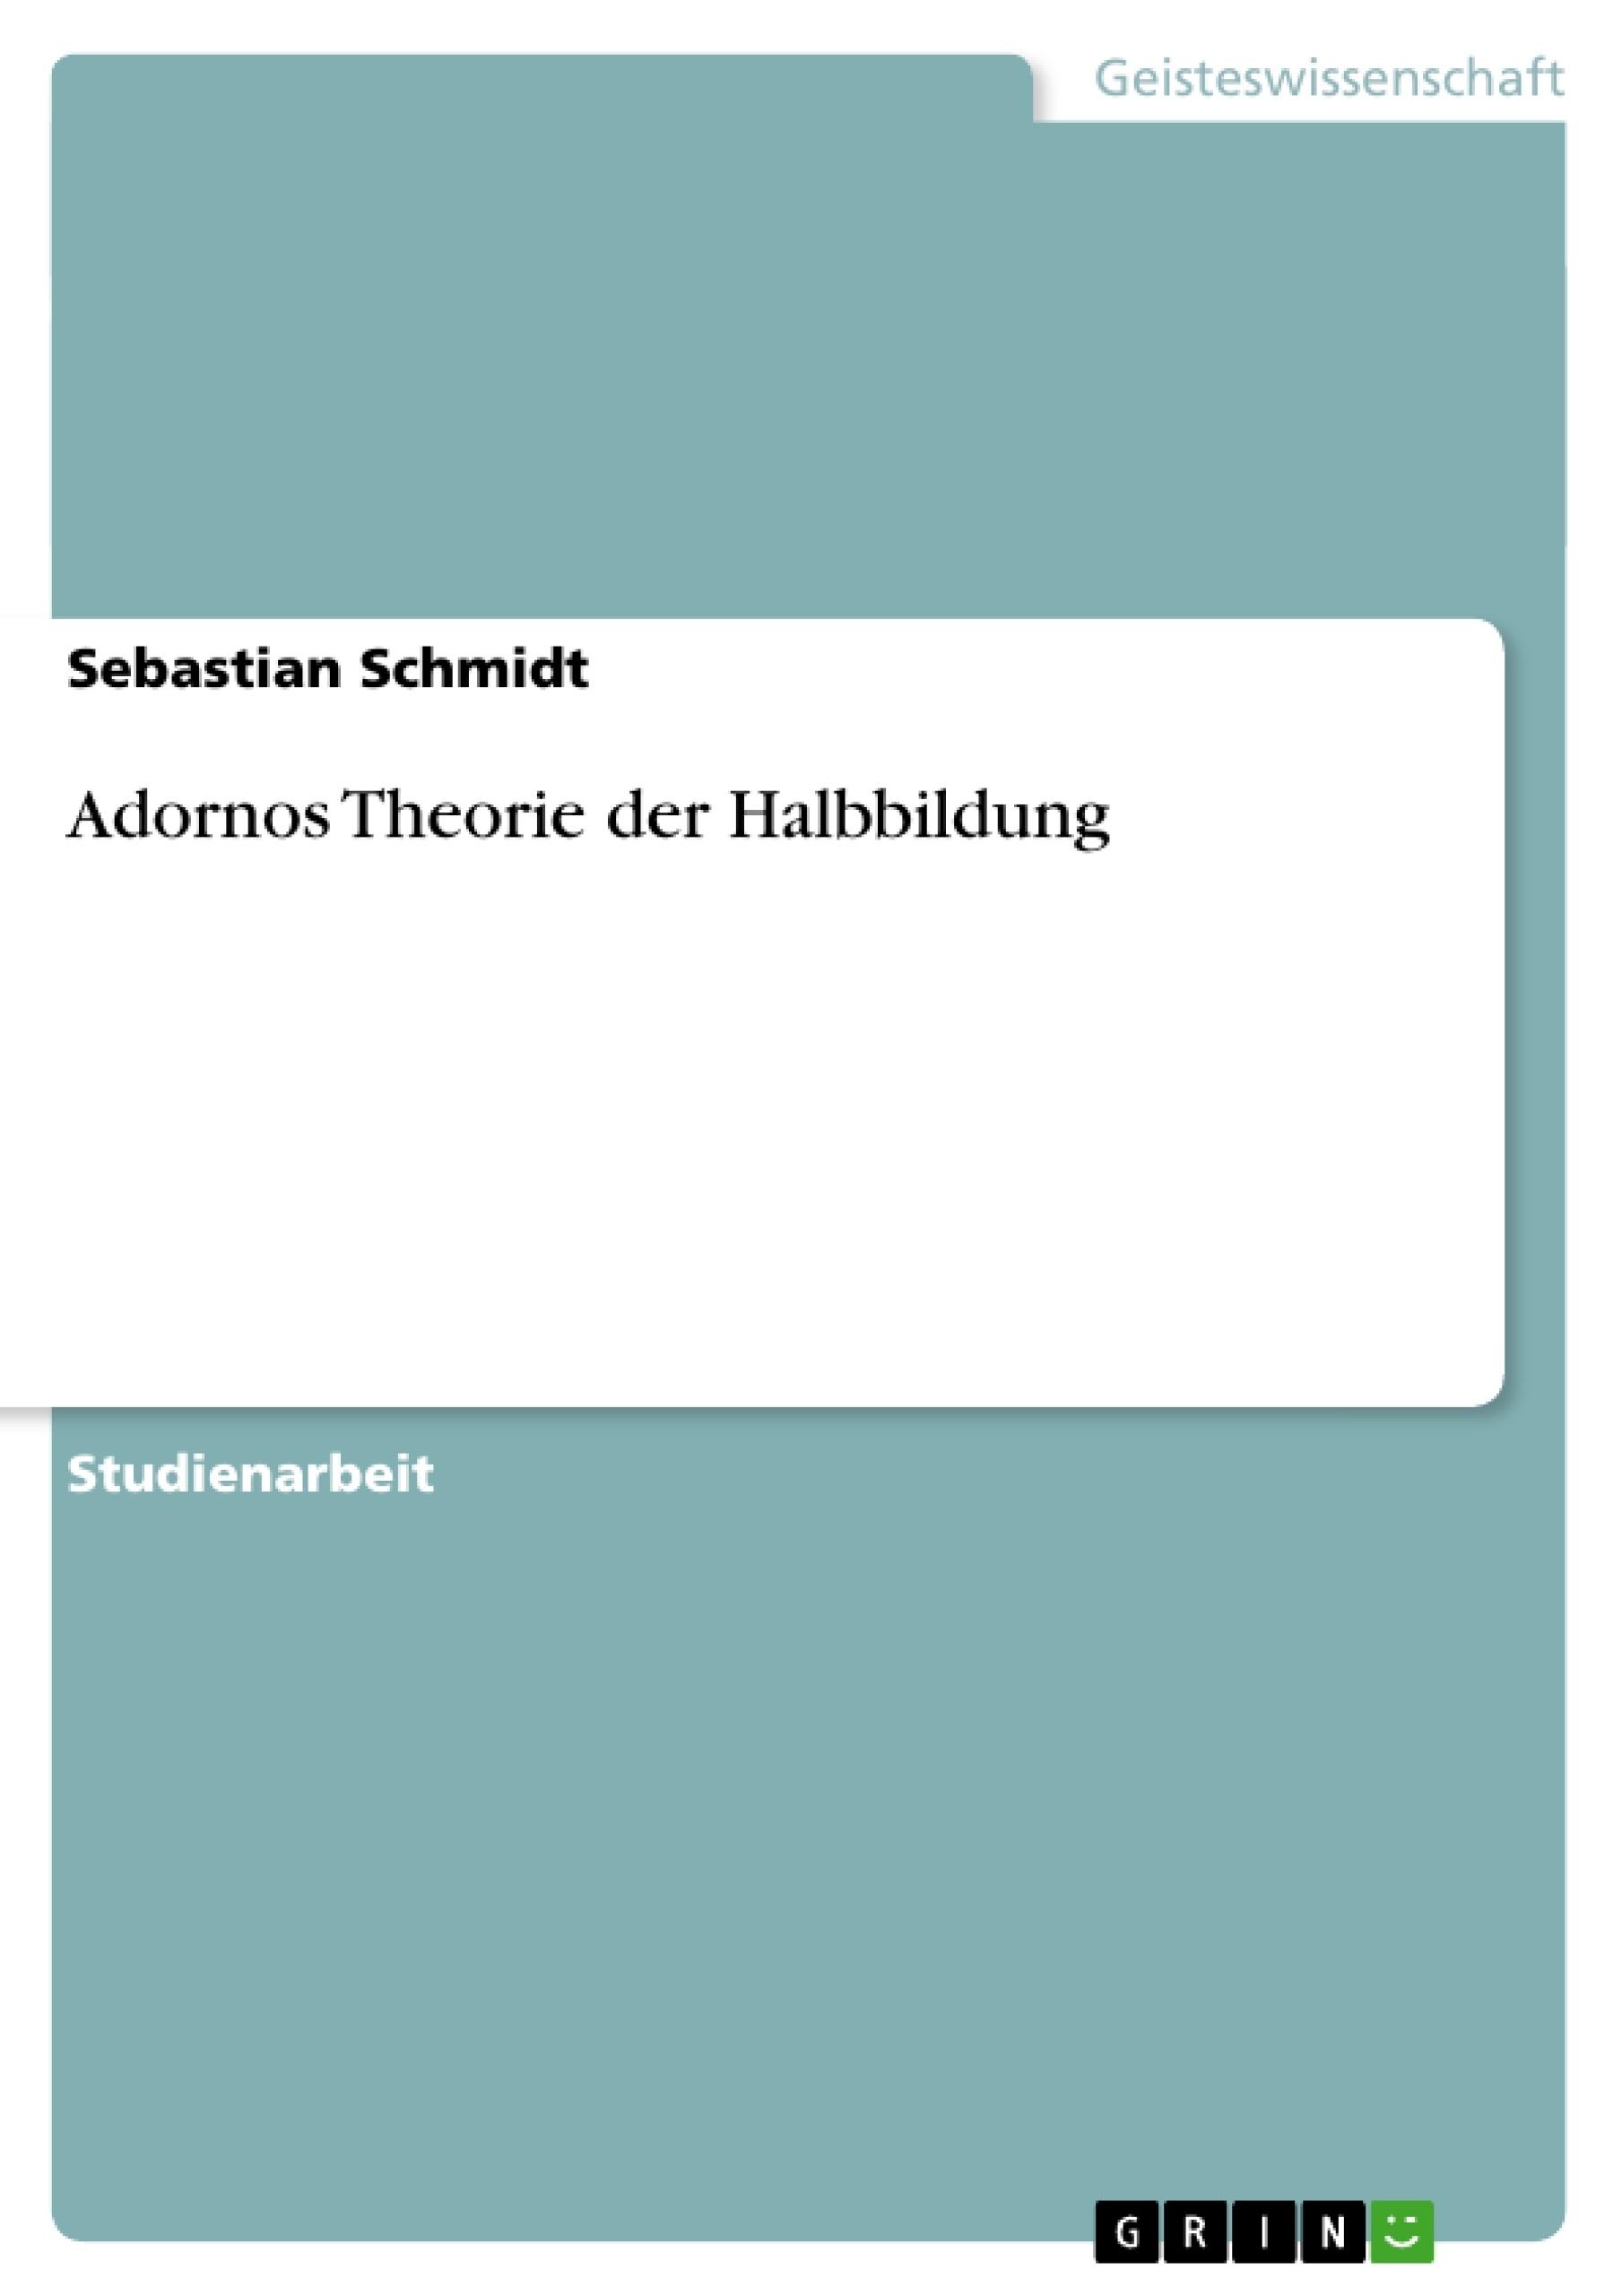 Titel: Adornos Theorie der Halbbildung